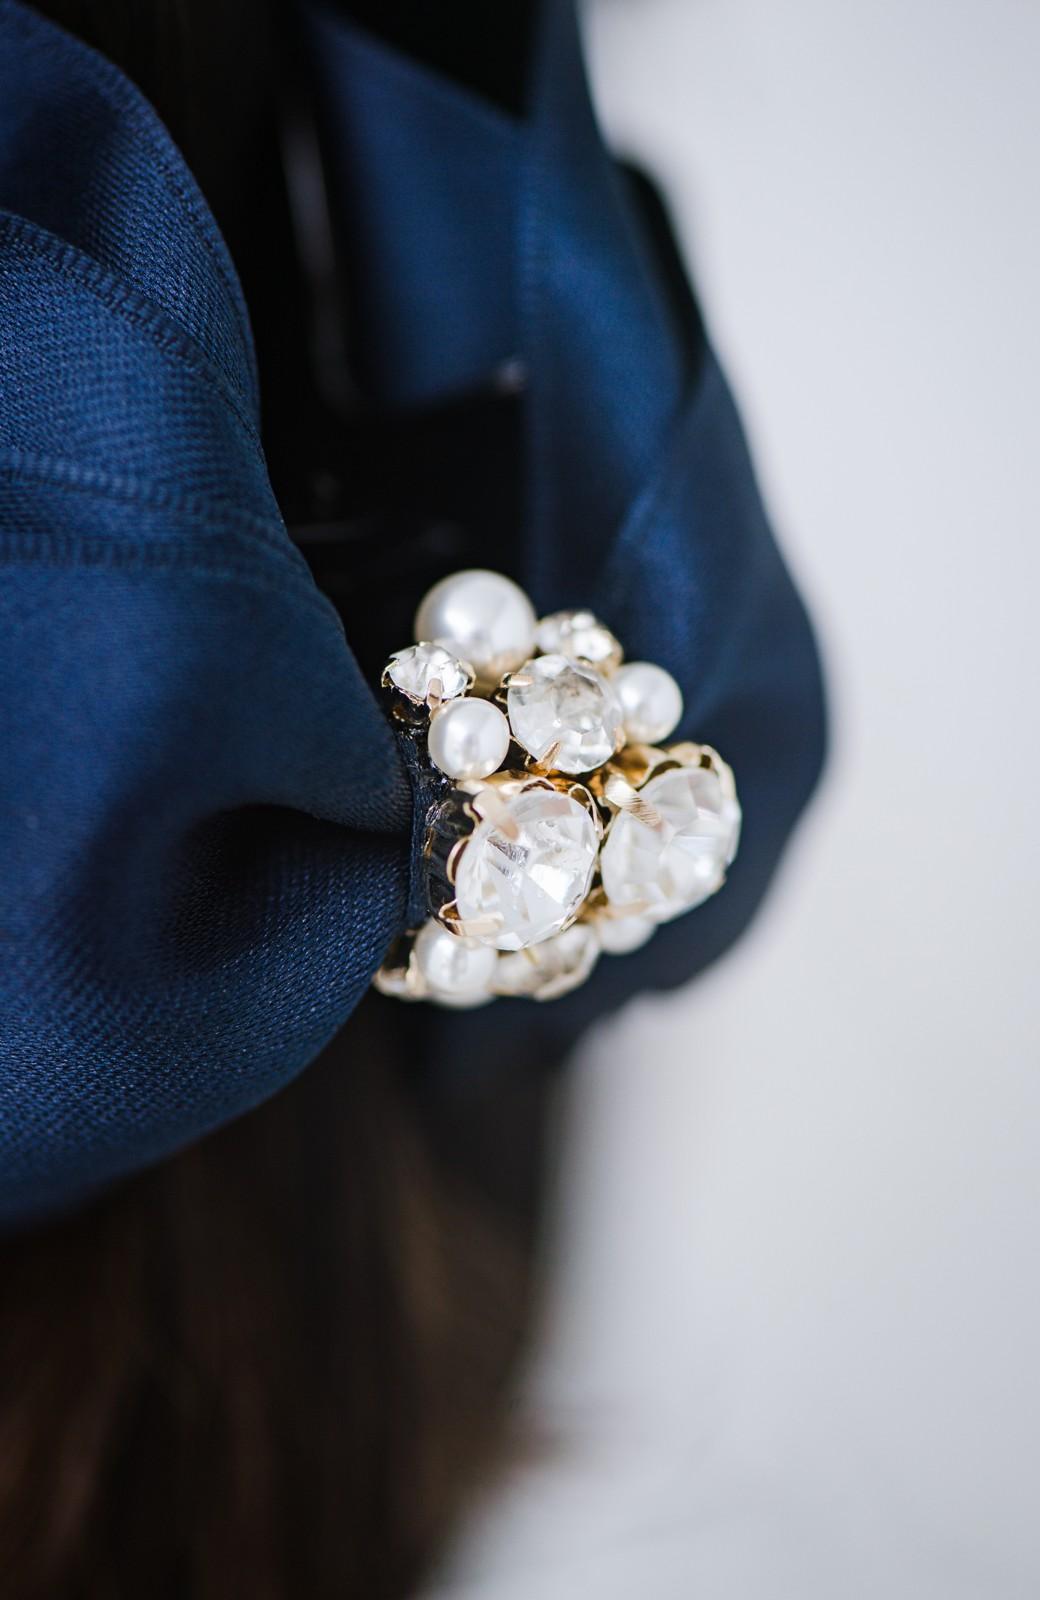 haco! 結婚式にも使える!ポニーテールにはさむだけでアレンジ完成するプラパール&リボンバンスクリップ <ネイビー>の商品写真4